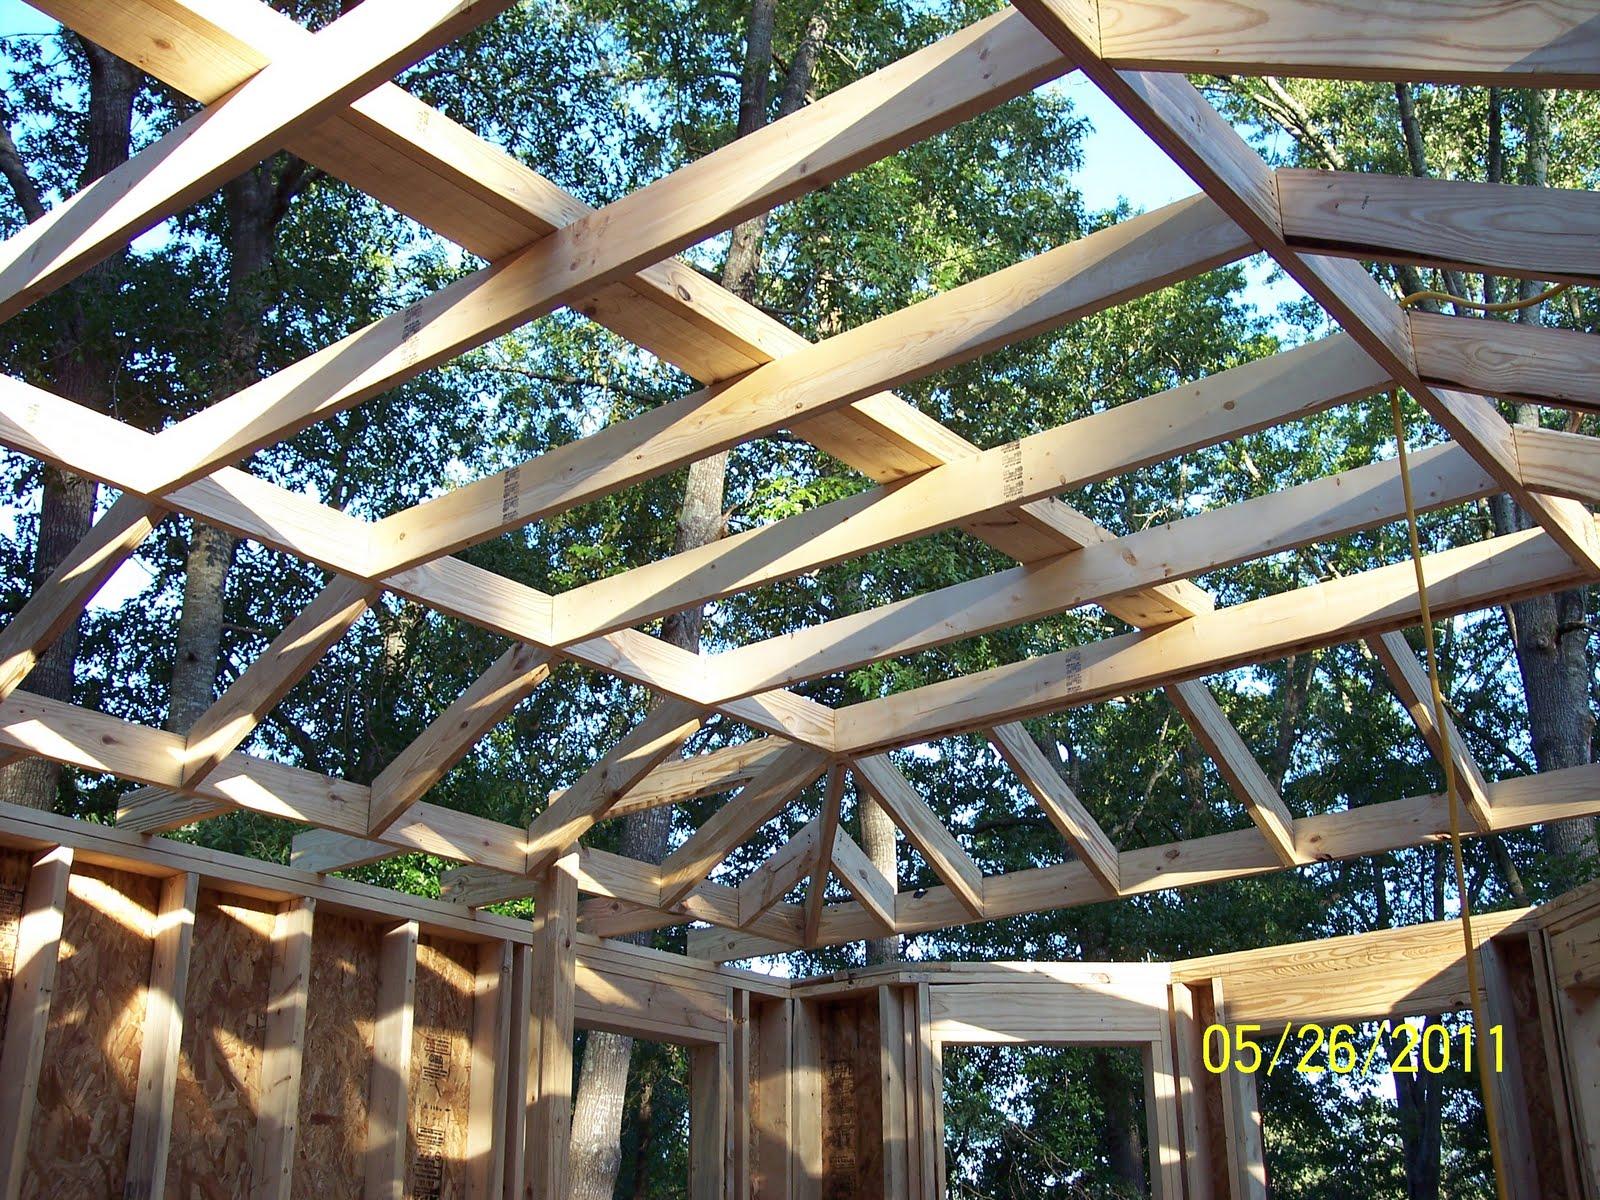 Building Our Oak Haven Dreamhouse: Ceiling Joist ...